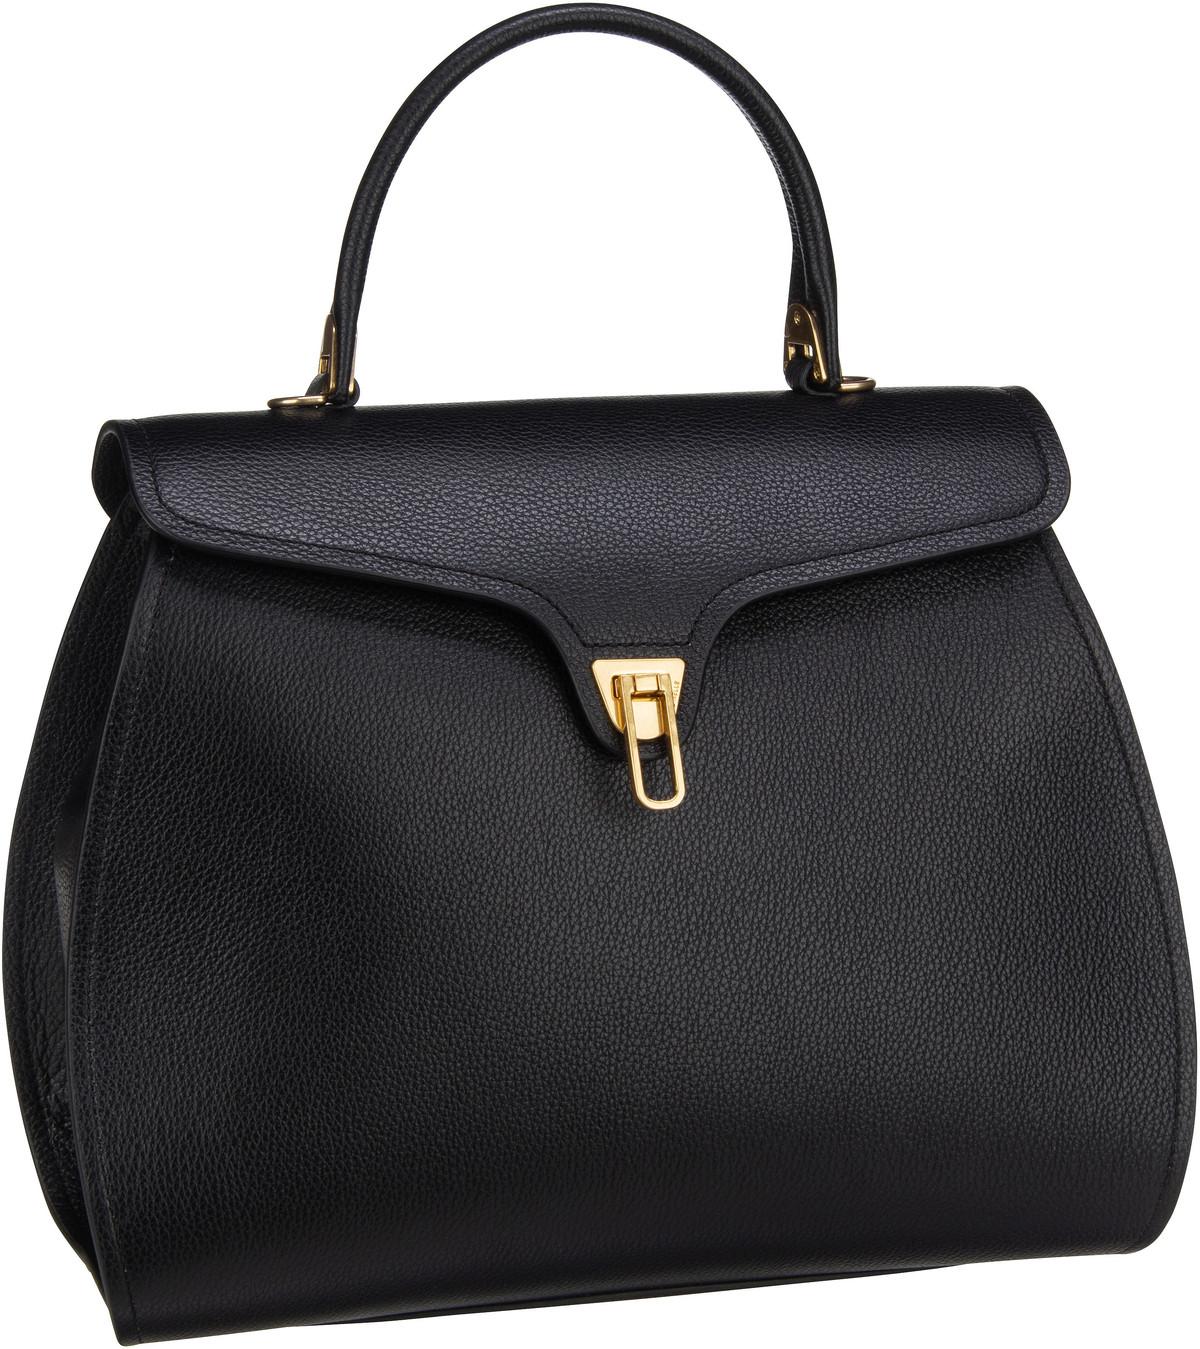 Handtasche Marvin 1802 Nero